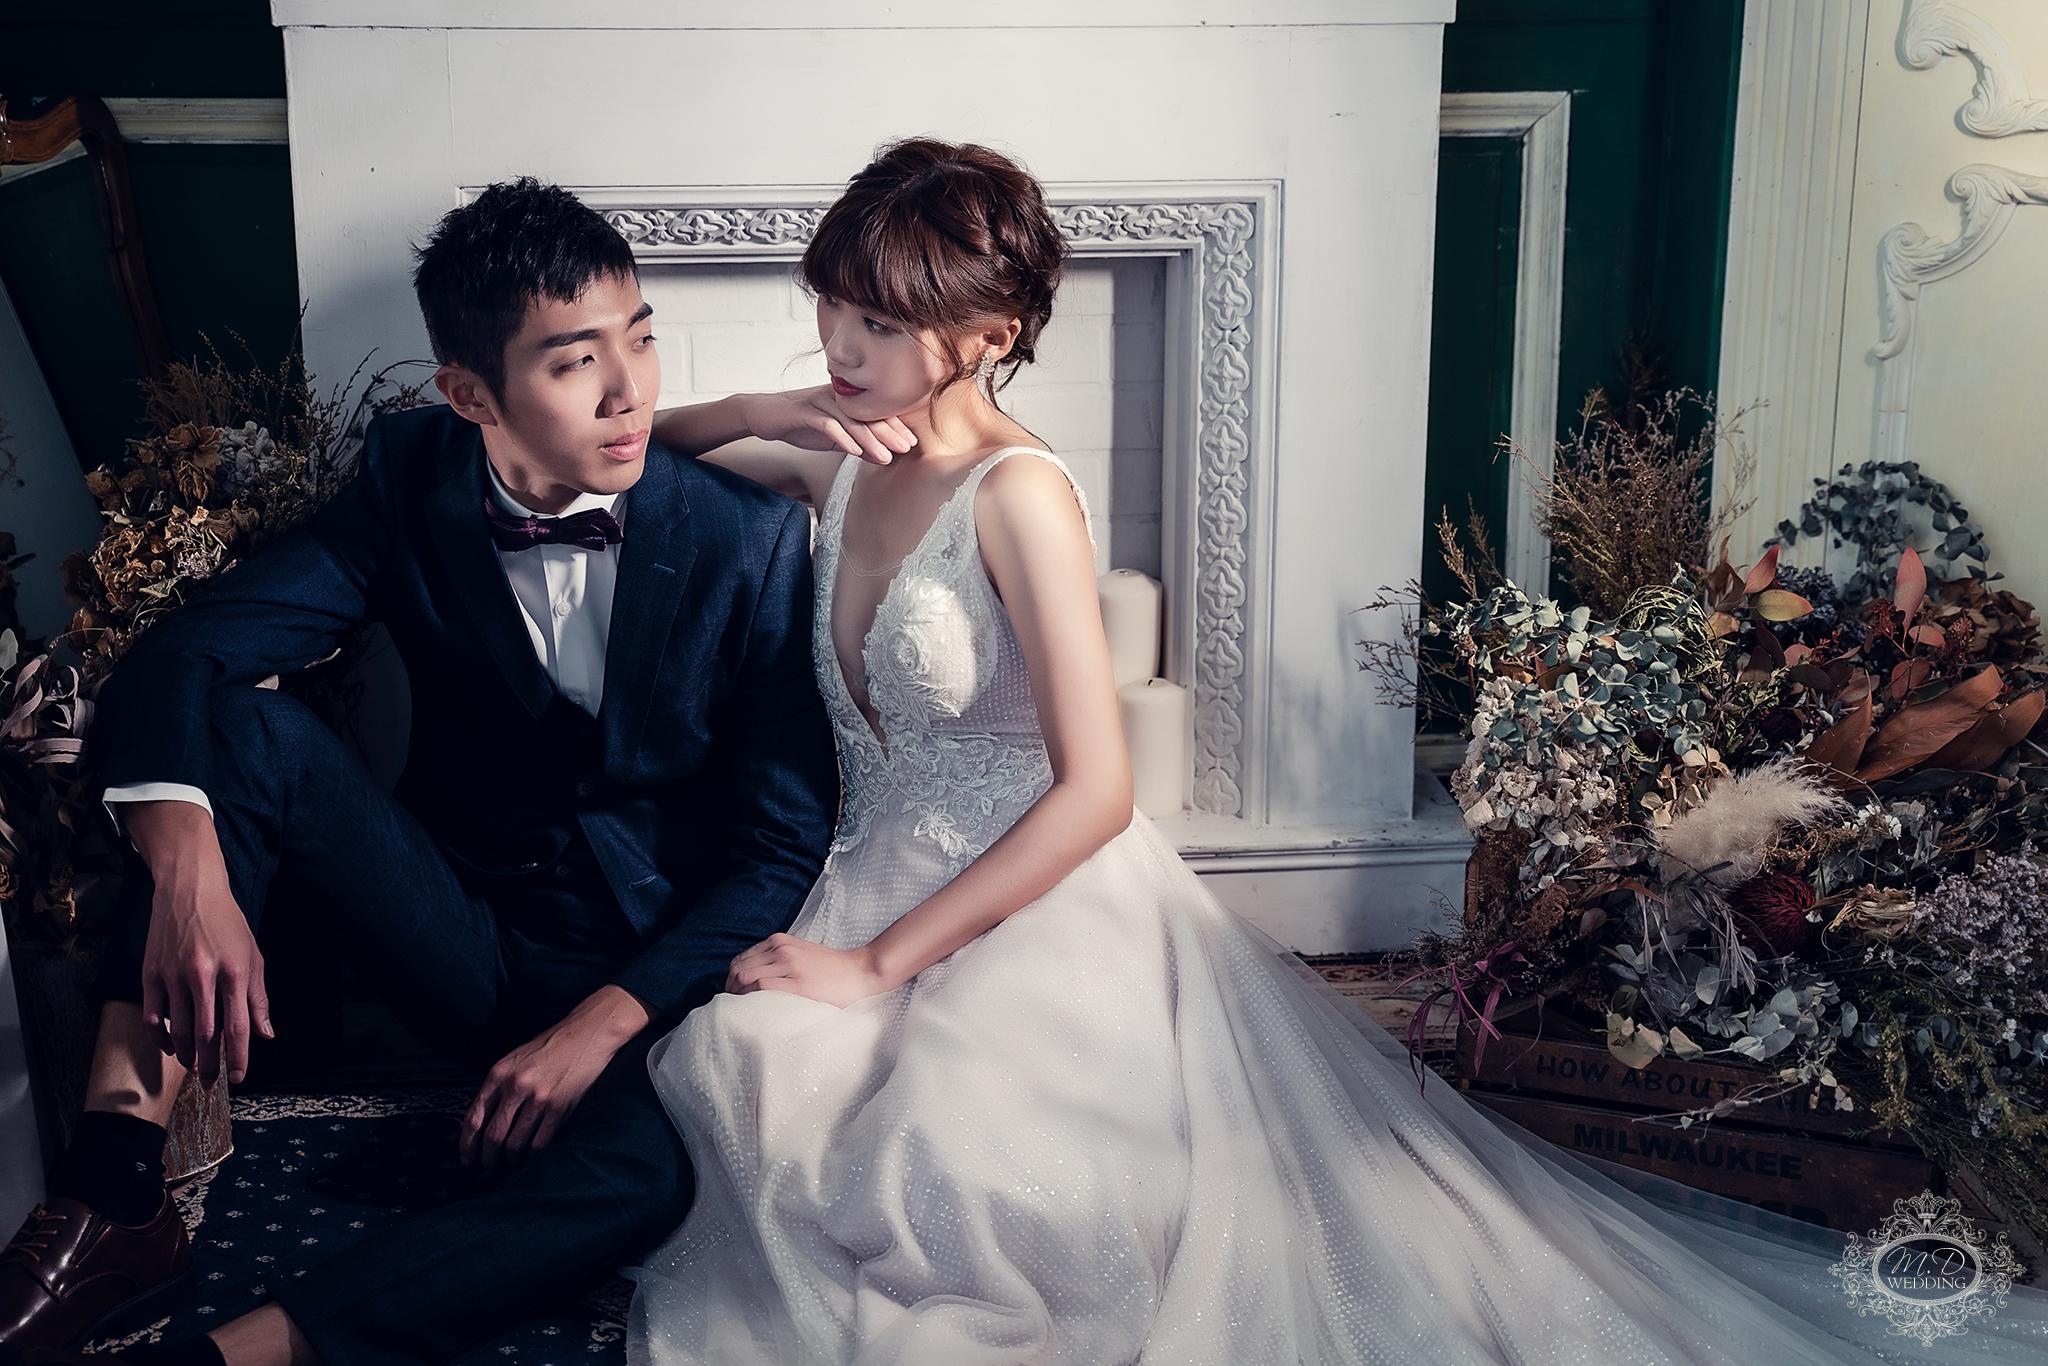 雜誌風 攝影棚 酷帥風格 台北婚紗推薦 歐系婚紗 美式風格